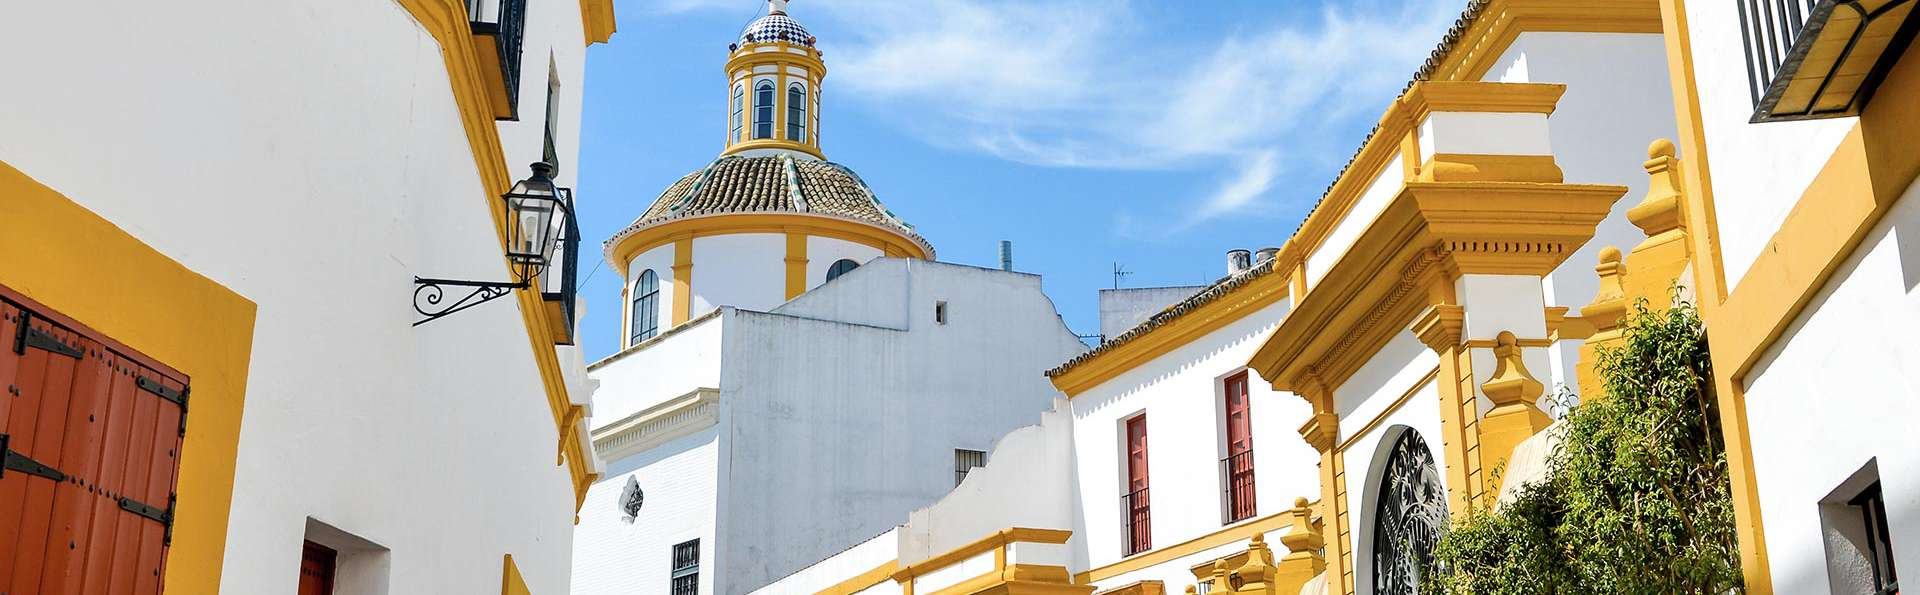 Descubre los lugares emblemáticos de Sevilla